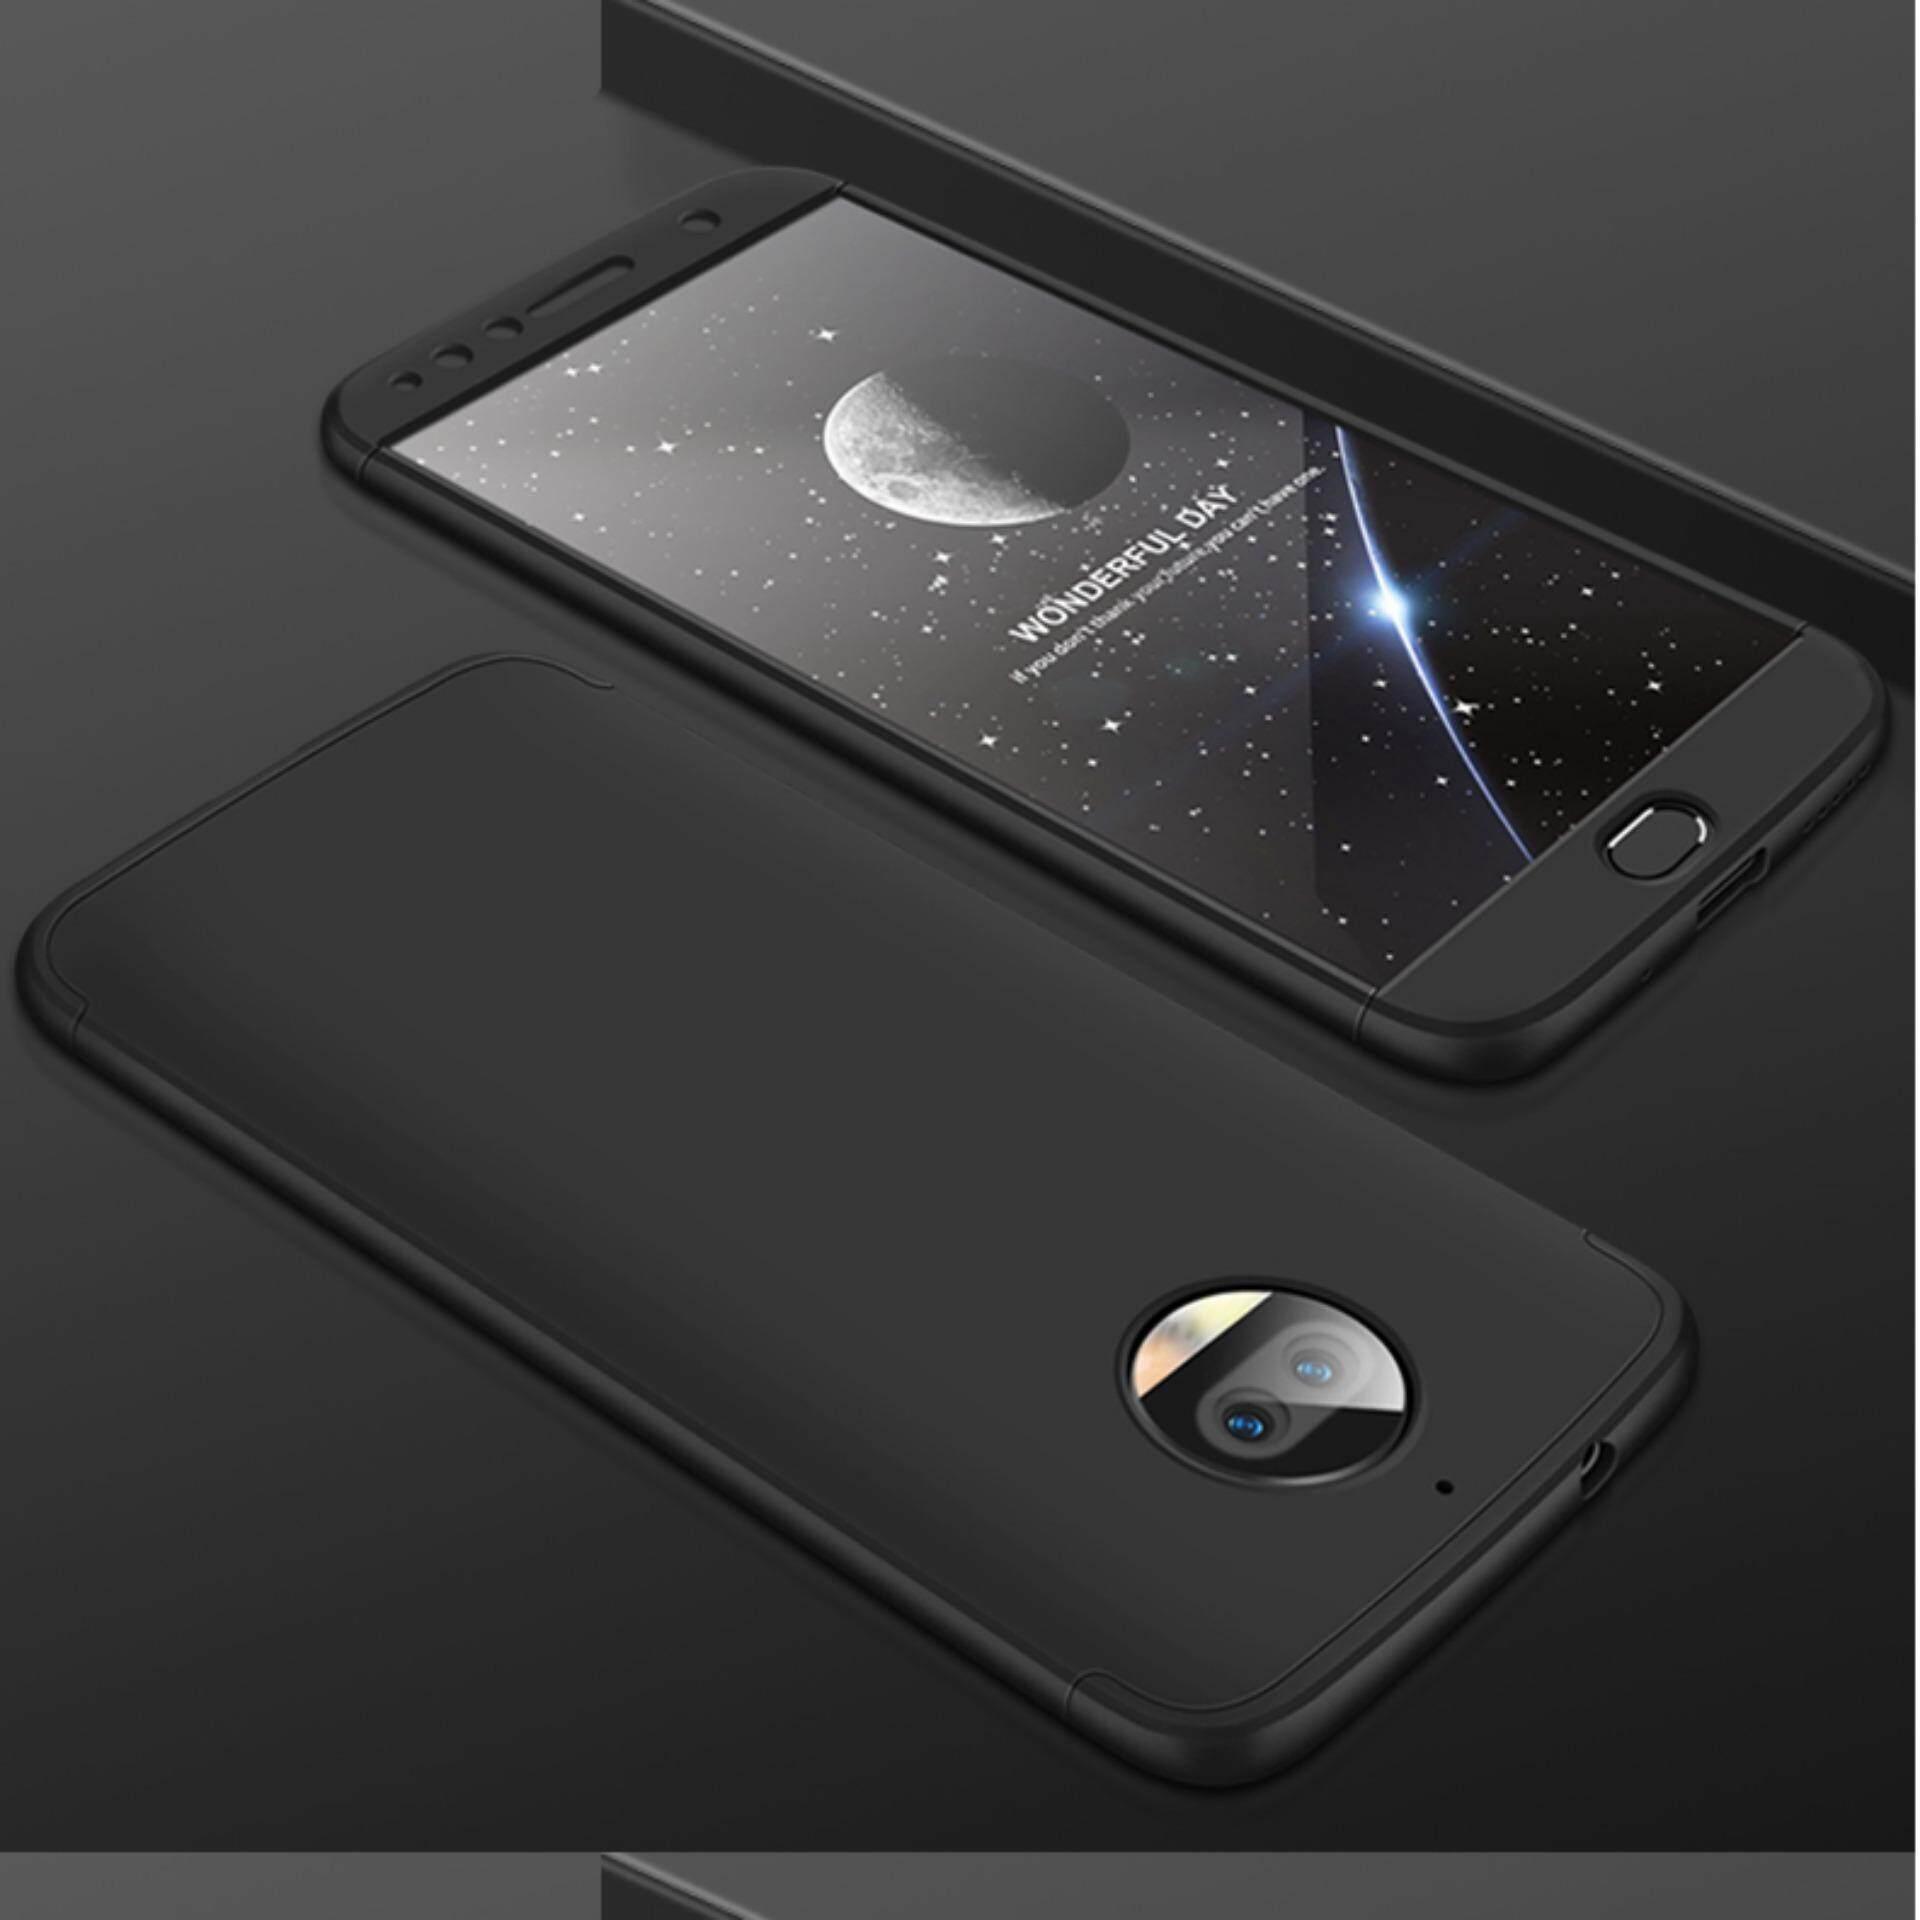 For Motorola Moto G5s Plus Hybrid 3 in 1 Case 360 Degree Full PC Plastic Shockproof